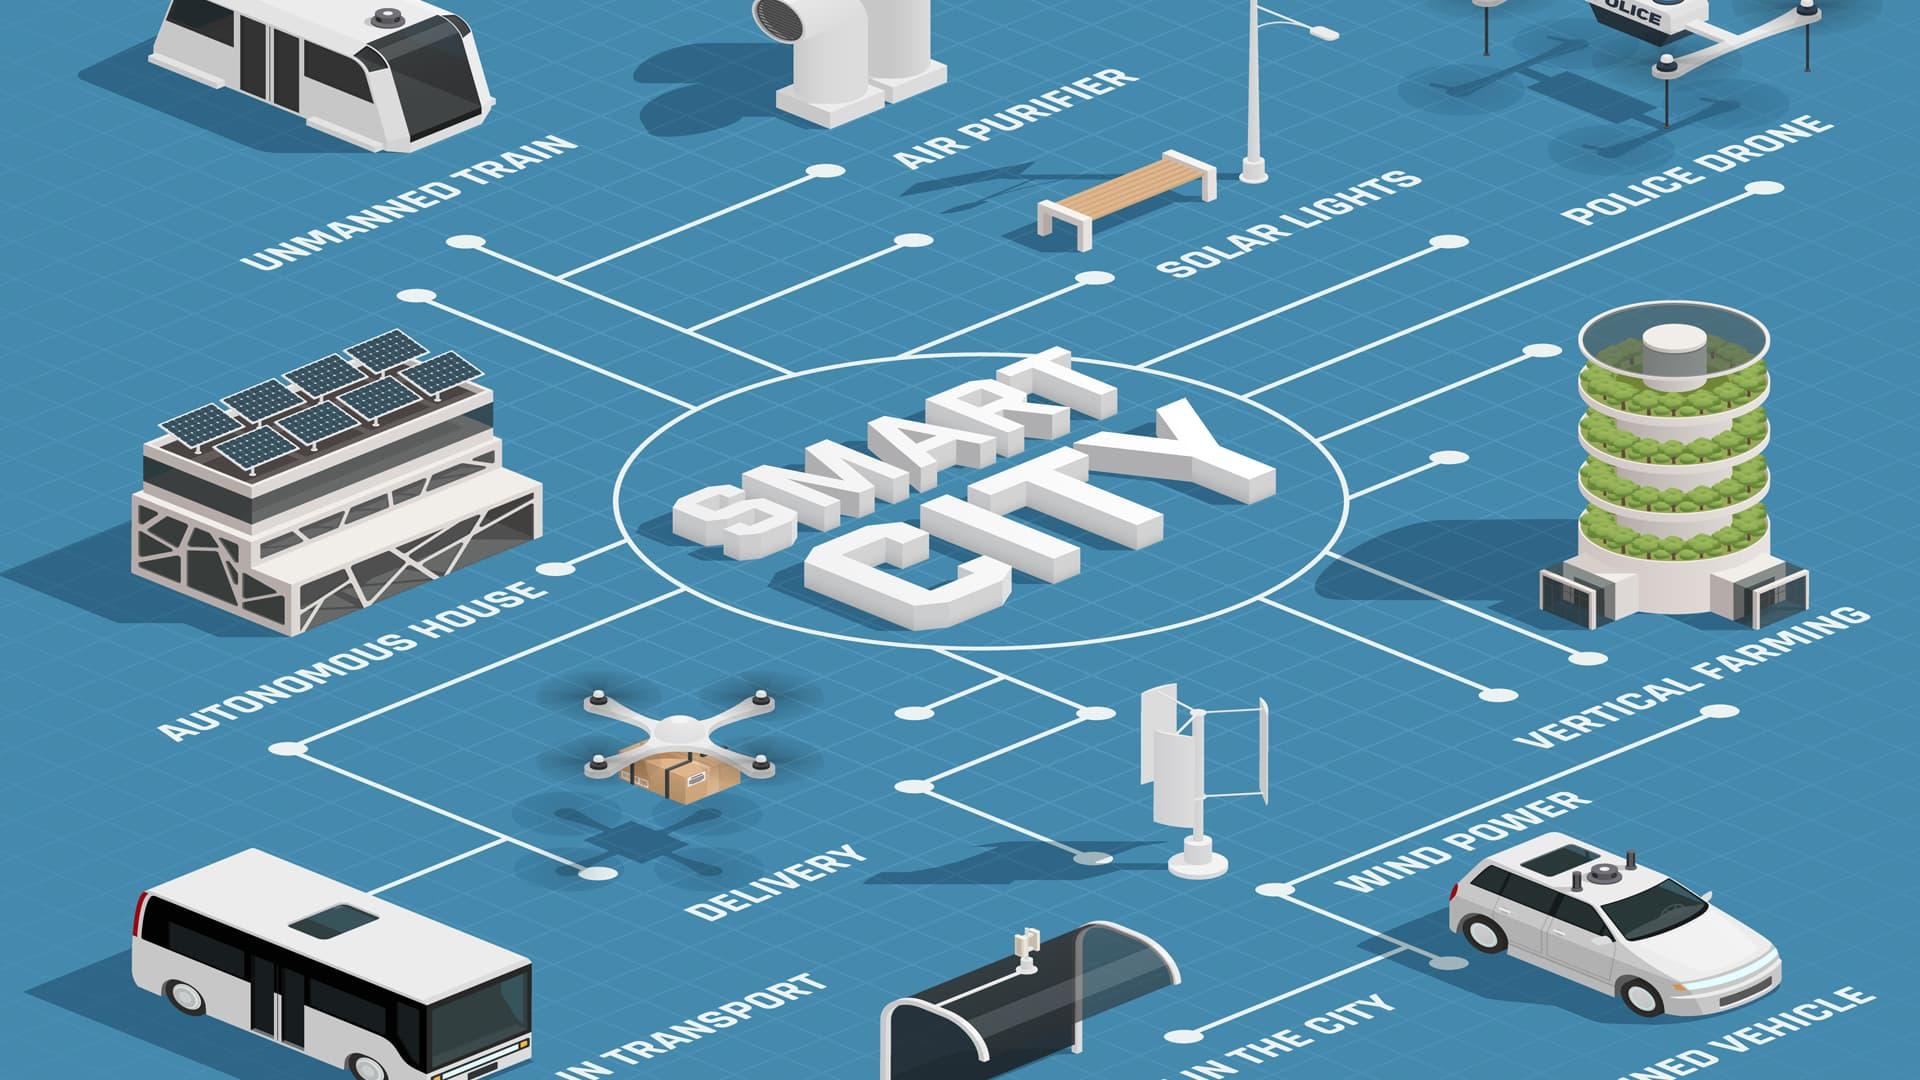 IIITH and MeitY launch Smart city startup Challenge